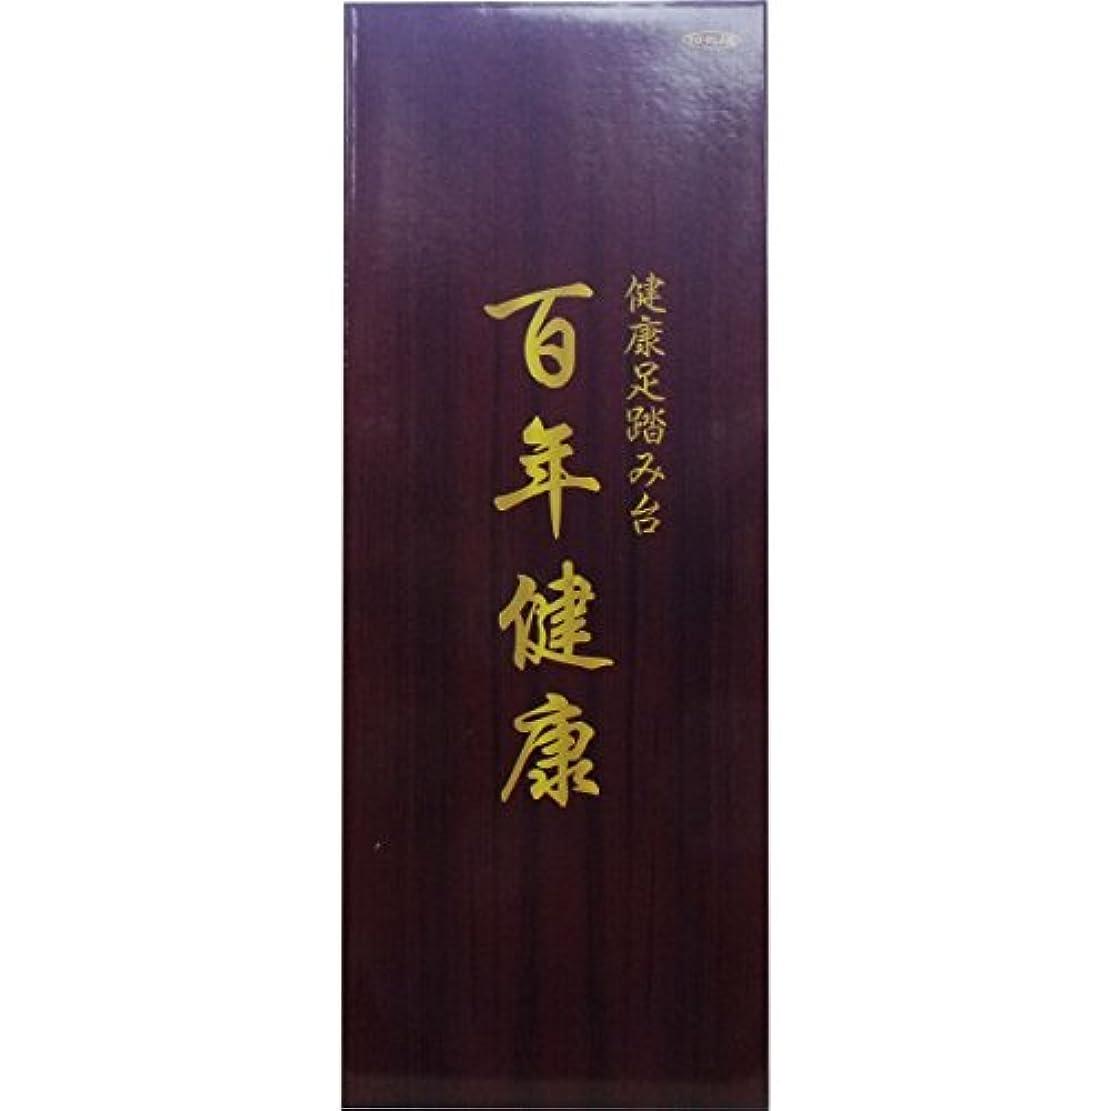 戦闘地雷原エトナ山【お徳用 2 セット】 健康足踏み台 百年健康×2セット